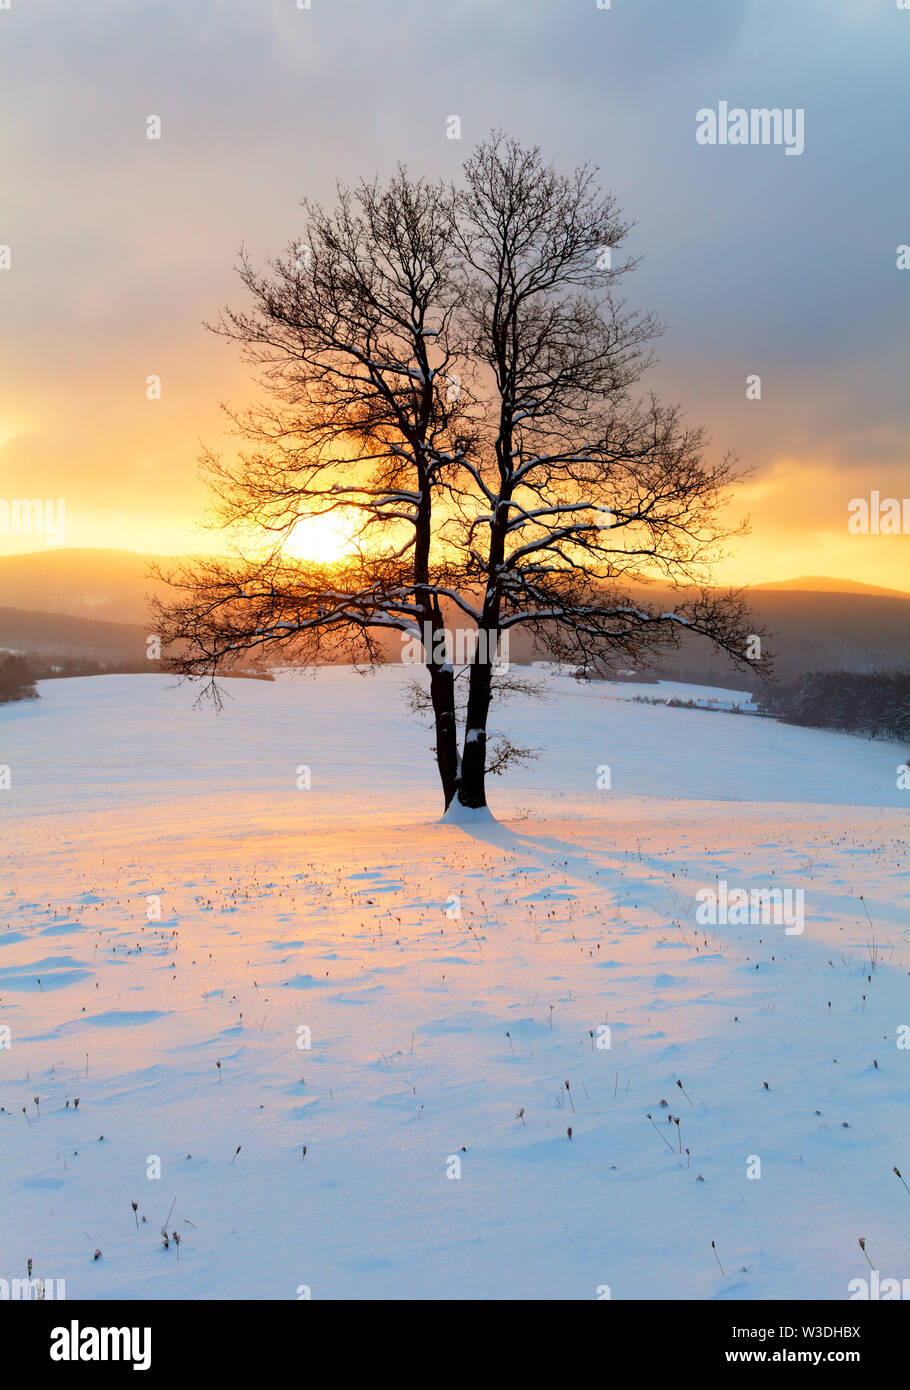 Alone tree in winter sunrise landscape - nature Stock Photo